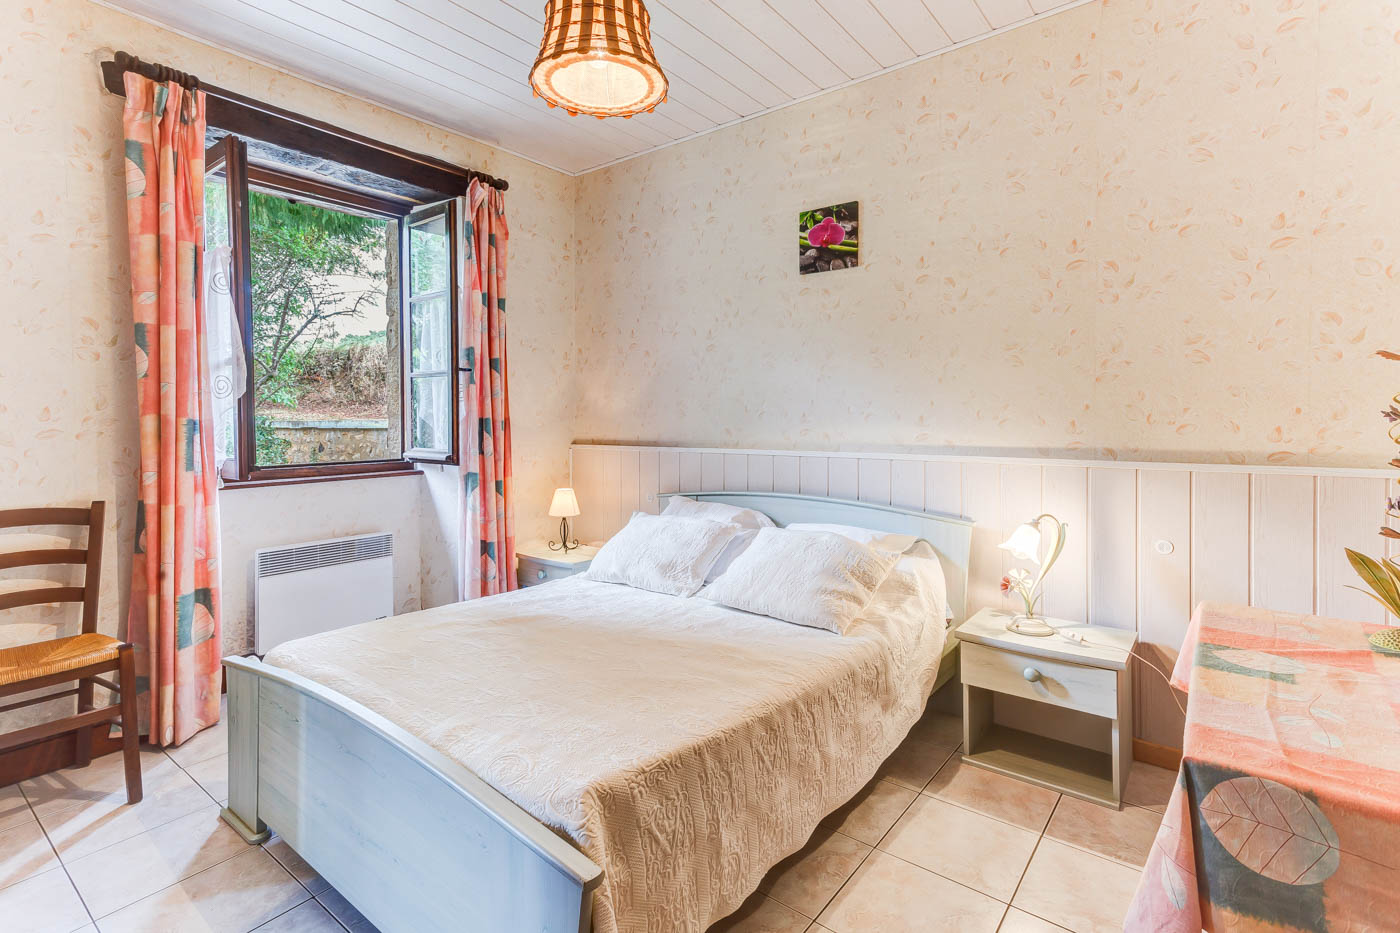 Maison-de-Vacances-Les-Terrasses-9